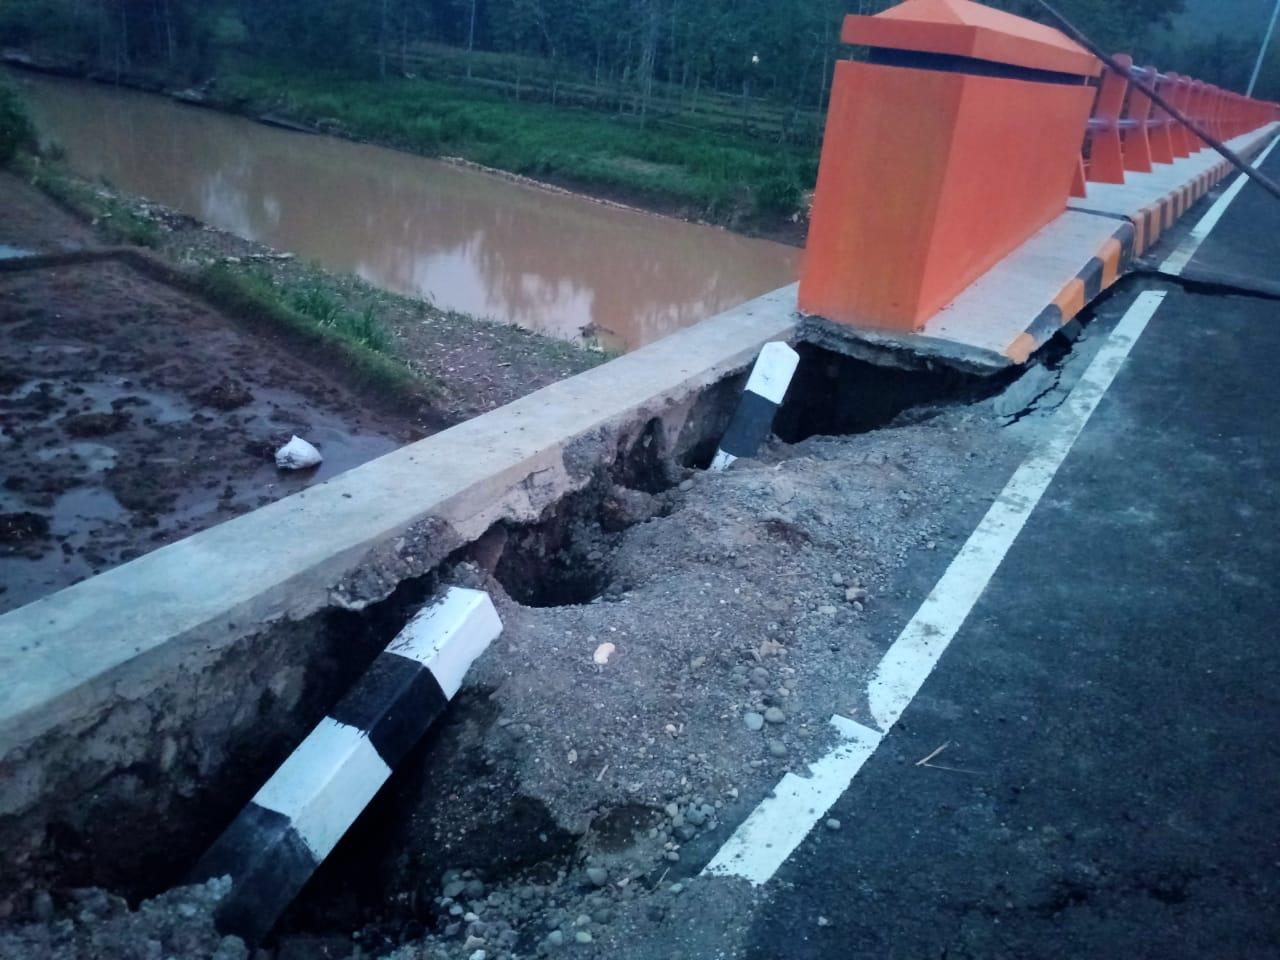 Kejaksaan Negeri Gunungkidul Mulai Pantau Proyek Pengerjaan Jembatan Jeruk Legi yang Diduga Dibangun Asal-Asalan 157